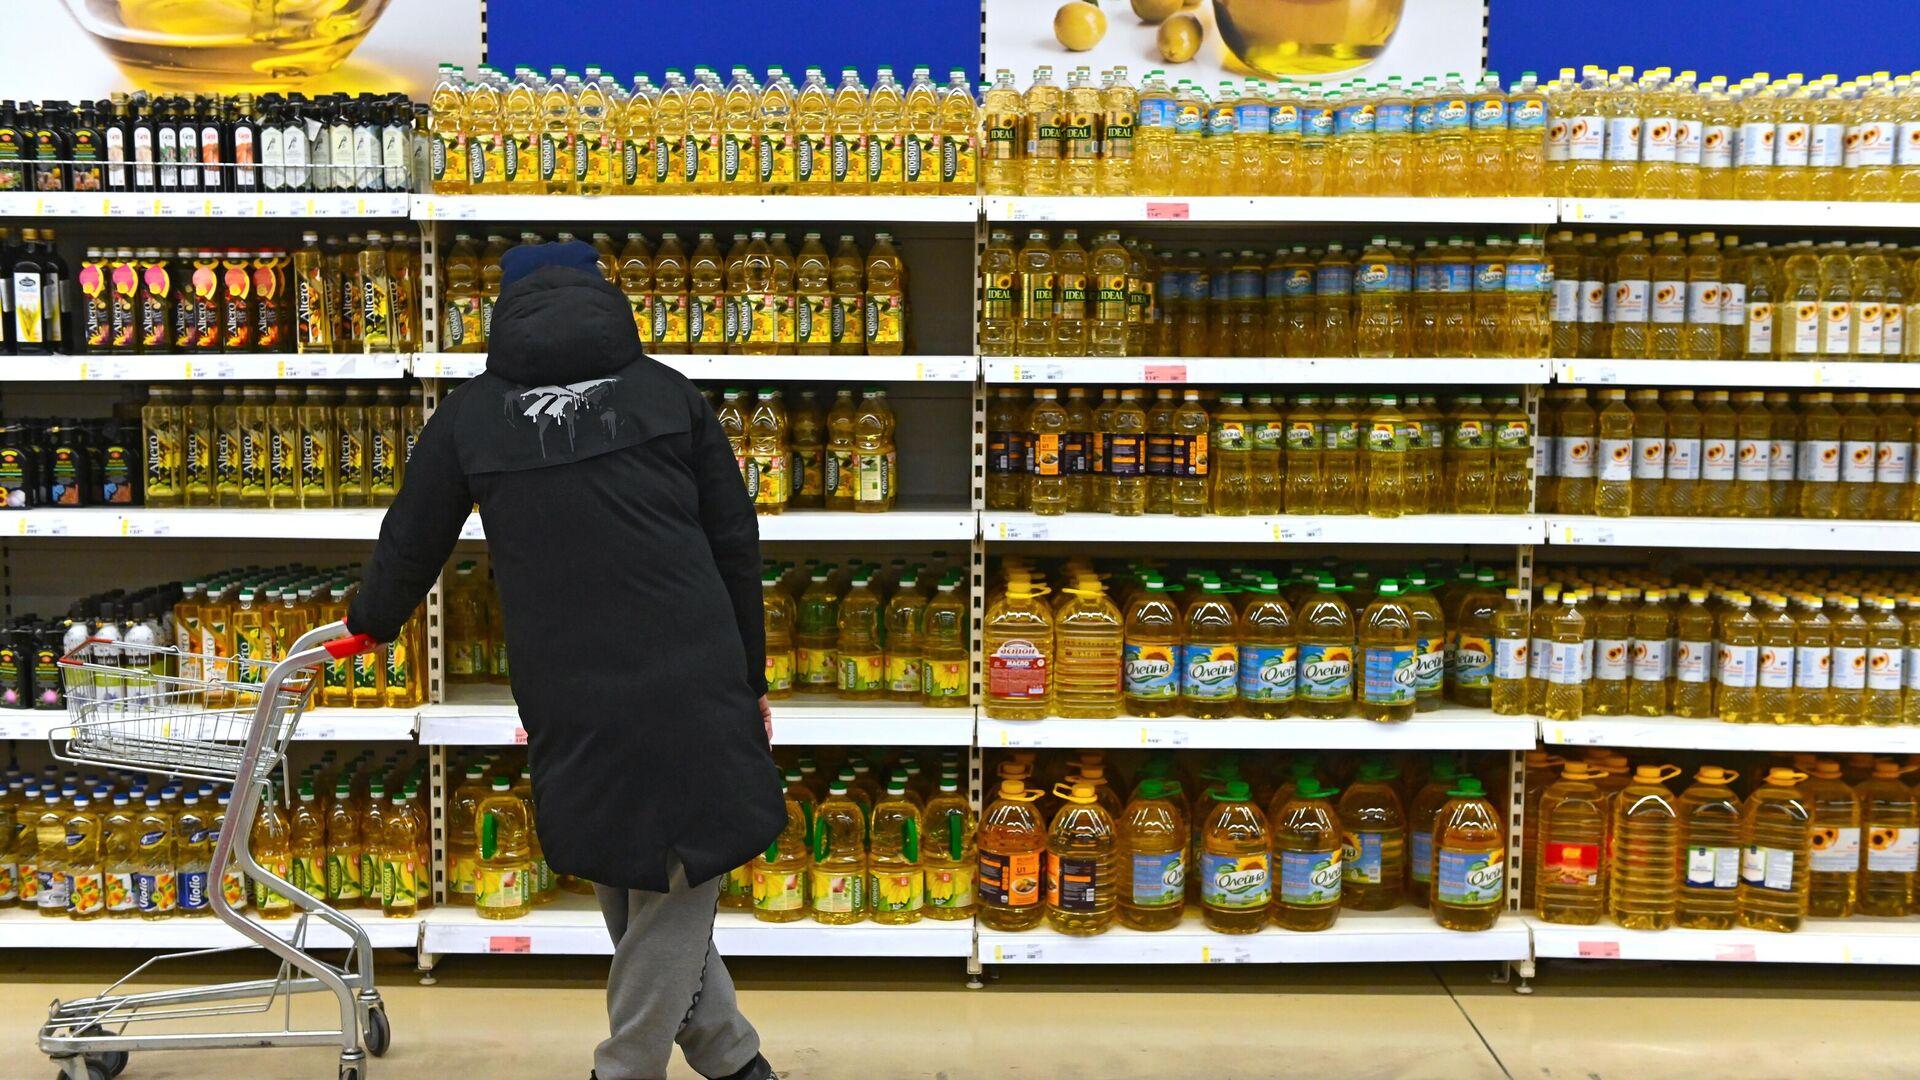 Подсолнечное масло в супермаркете - РИА Новости, 1920, 14.12.2020